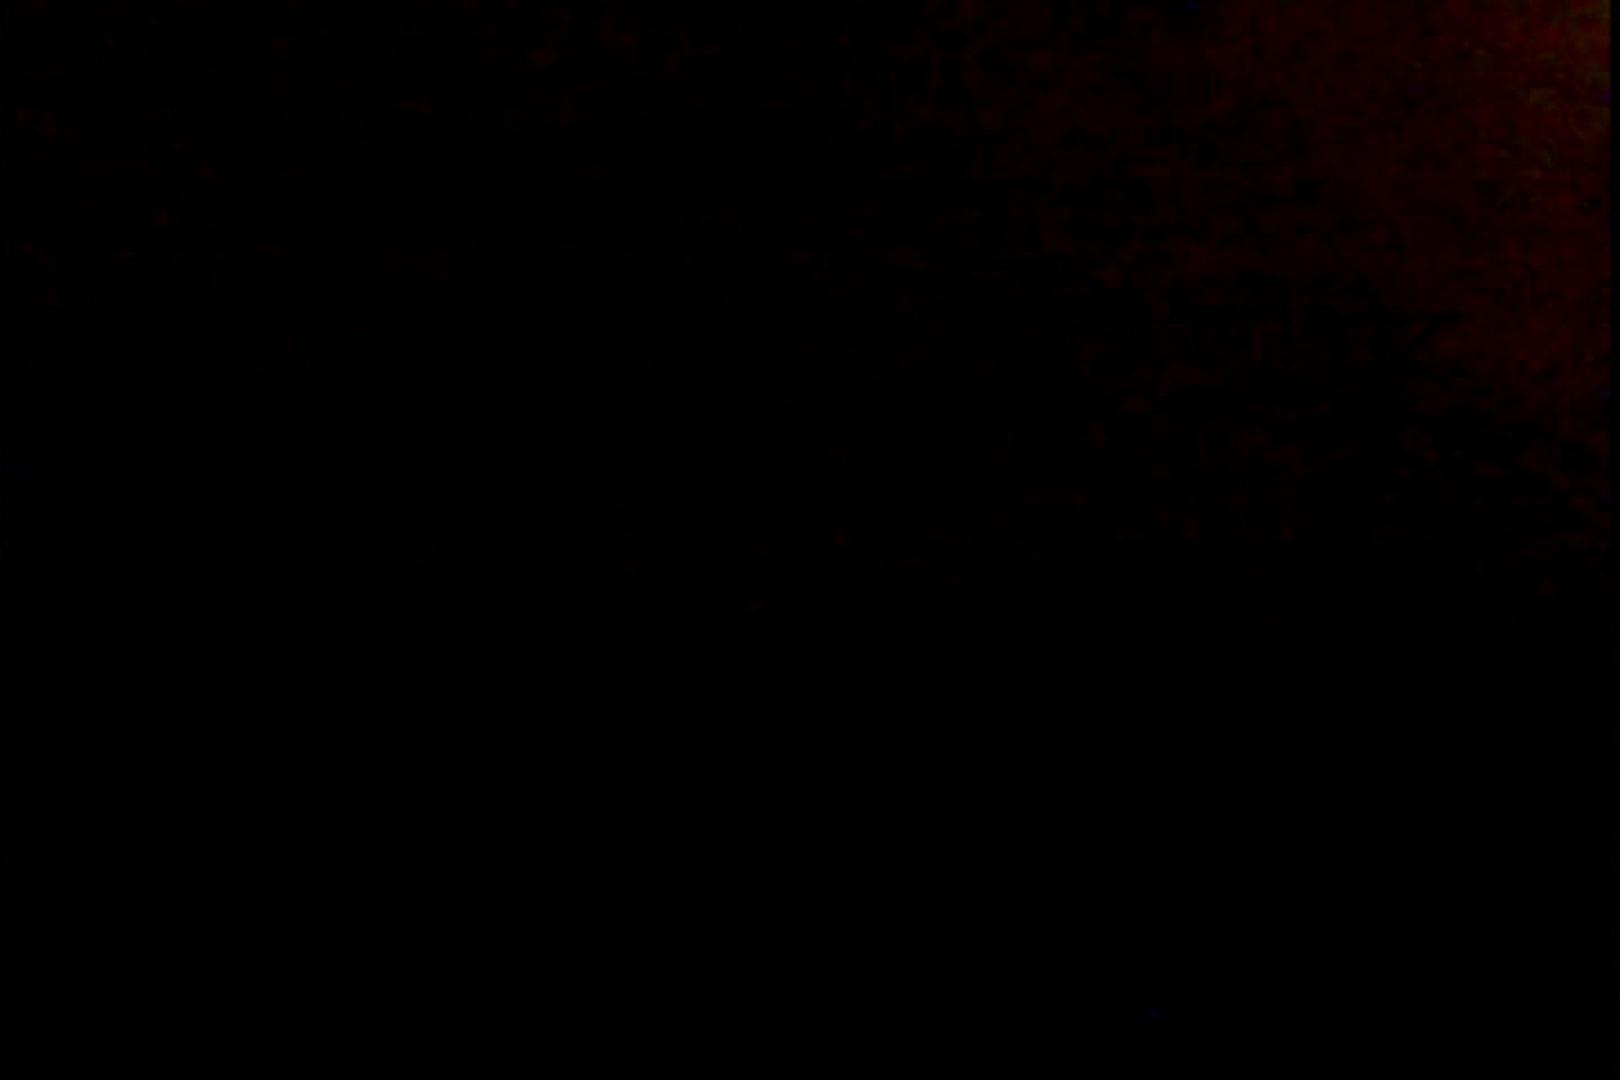 亀さんかわや VIPバージョン! vol.35 潜入 盗撮おめこ無修正動画無料 96連発 81